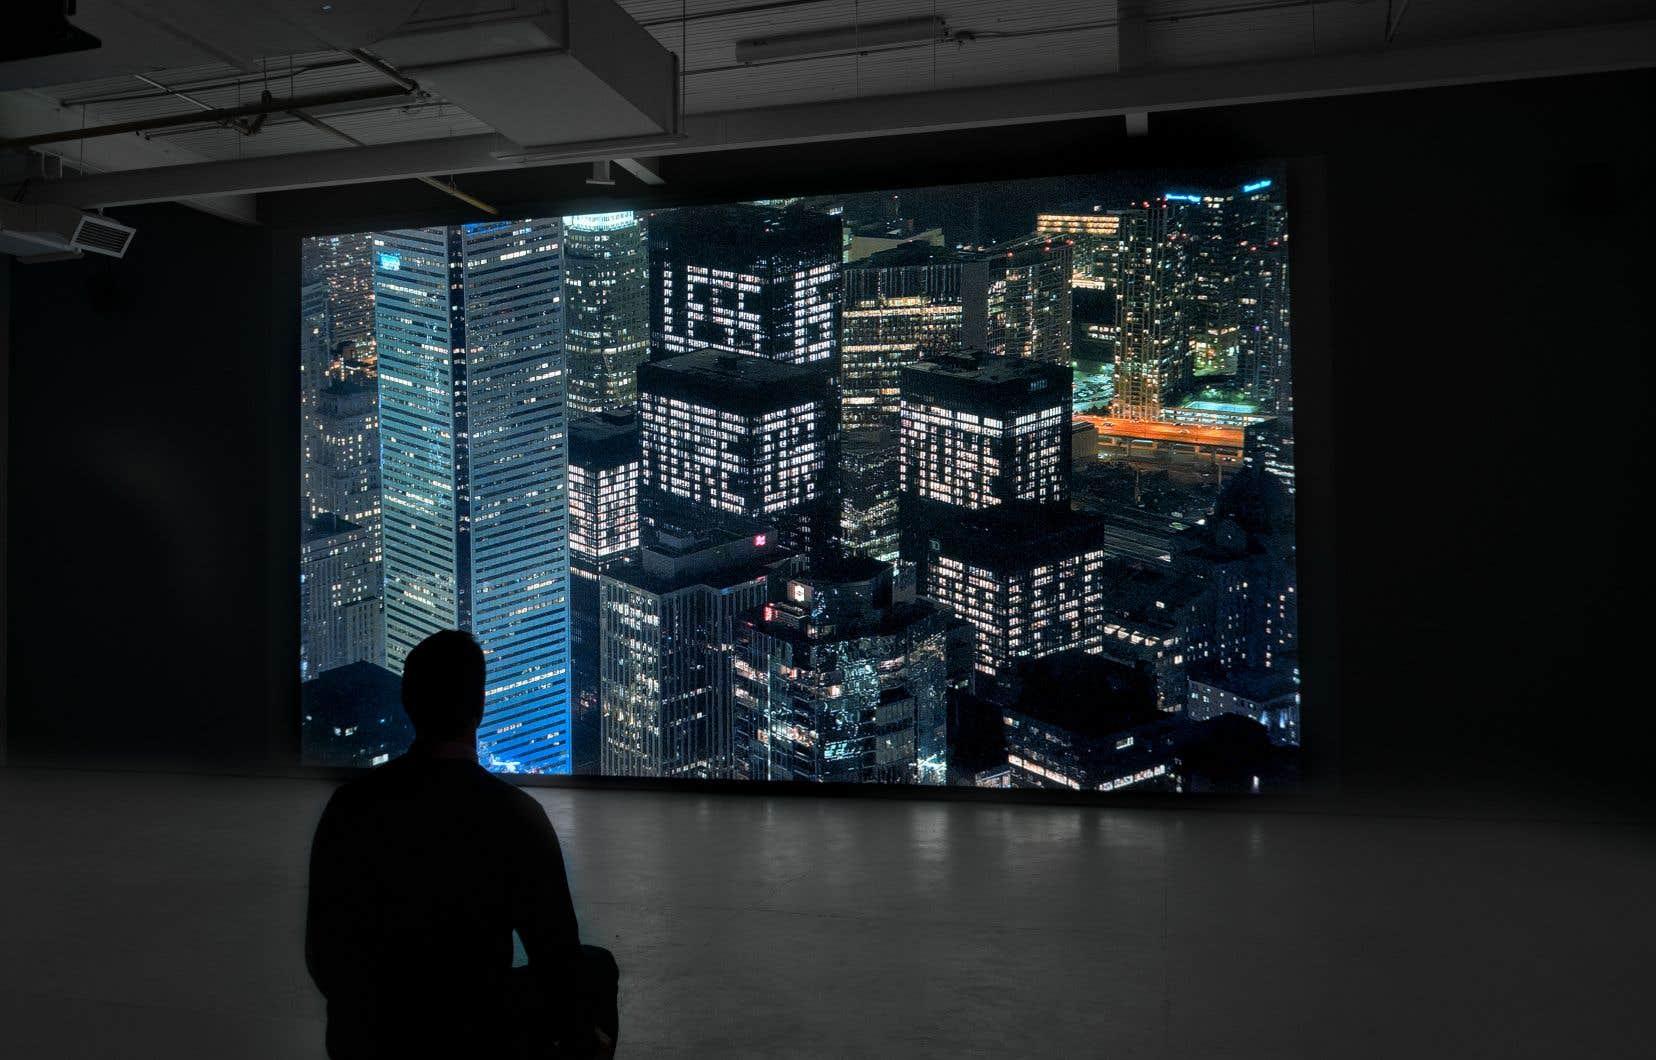 L'œuvre «Less is more or» a été réalisée à partir des fenêtres illuminées des tours du Toronto-Dominion Center, à Toronto.